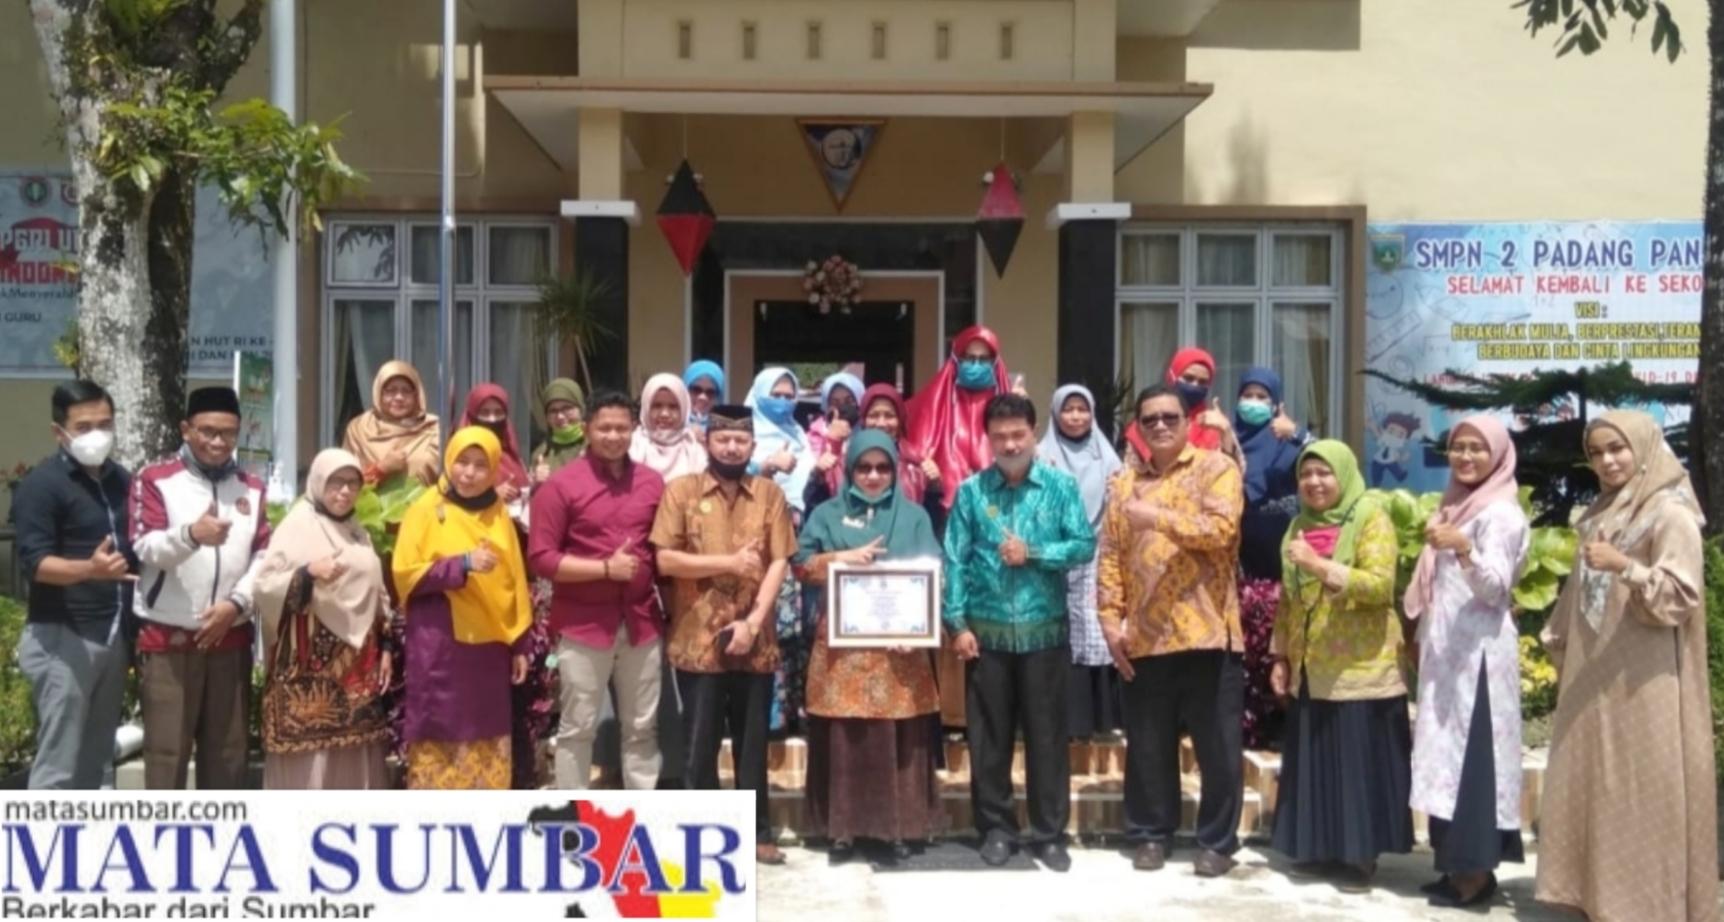 Bentuk Perhatian LSM-FKP Berikan Piagam Penghargaan Untuk 3 Kategori Guru Terbaik di Kota Padang Panjang.